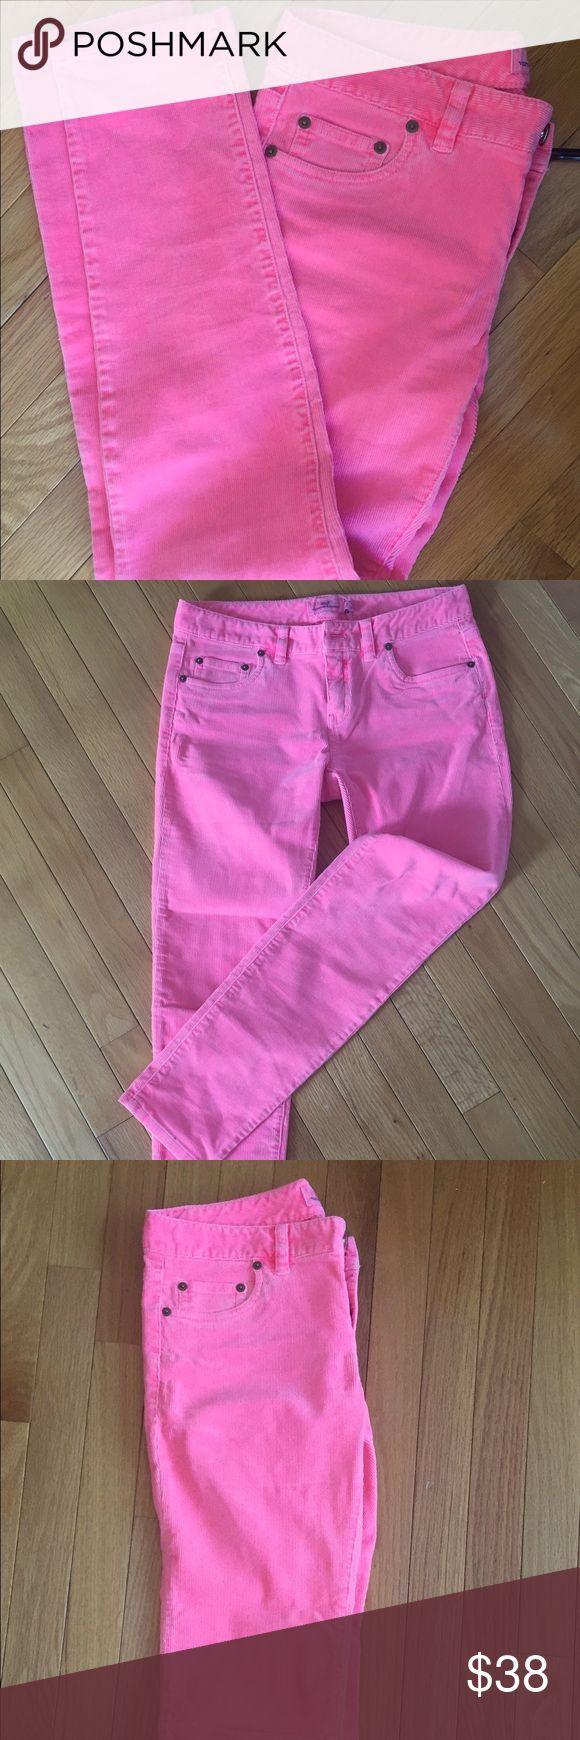 NWT! Vineyard Vines neon pink skinny cords (sz 2) Bright beachy neon pink (has that salt bleached look) new with tags ! Vineyard Vines Pants Skinny